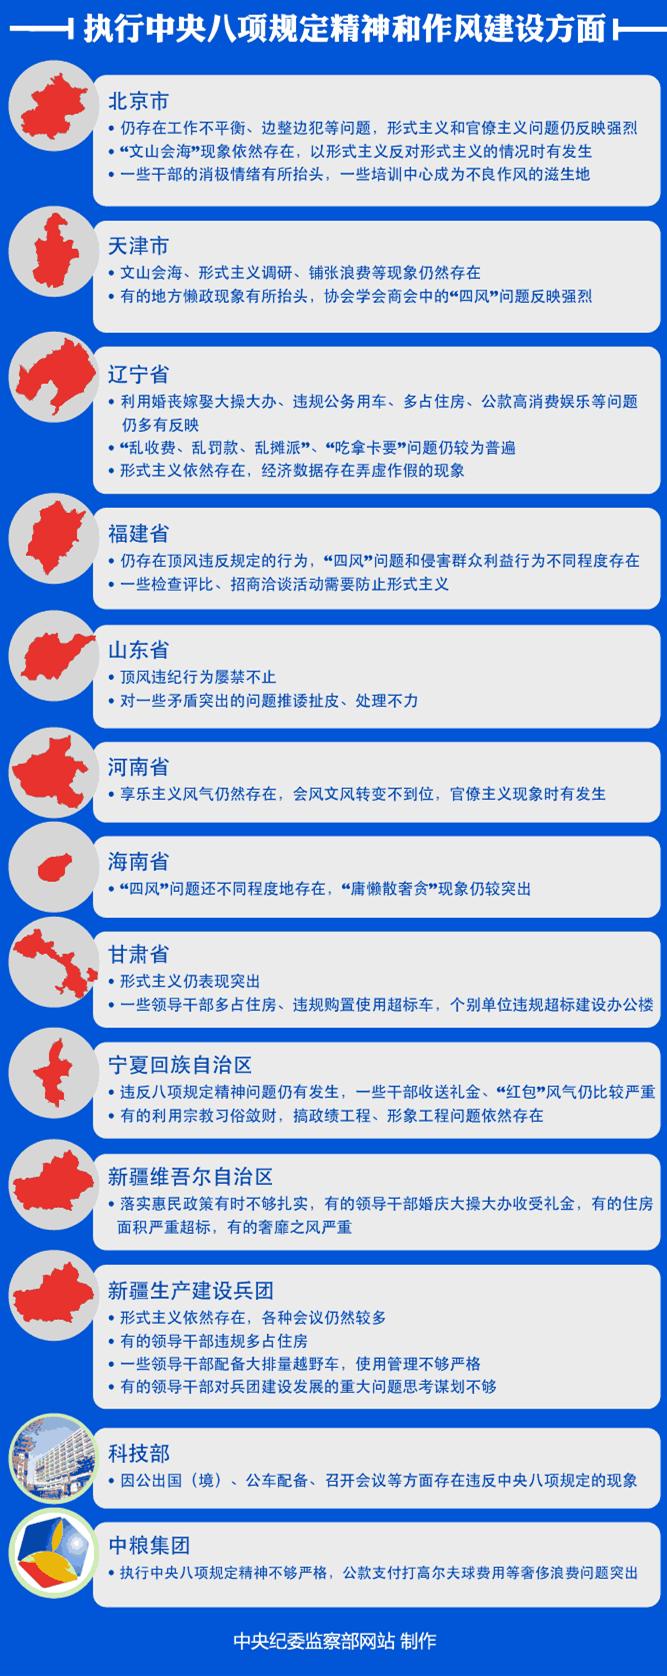 图解2014年中央巡视组首轮巡视反馈情况 - 感悟人生wu - 感悟人生wu